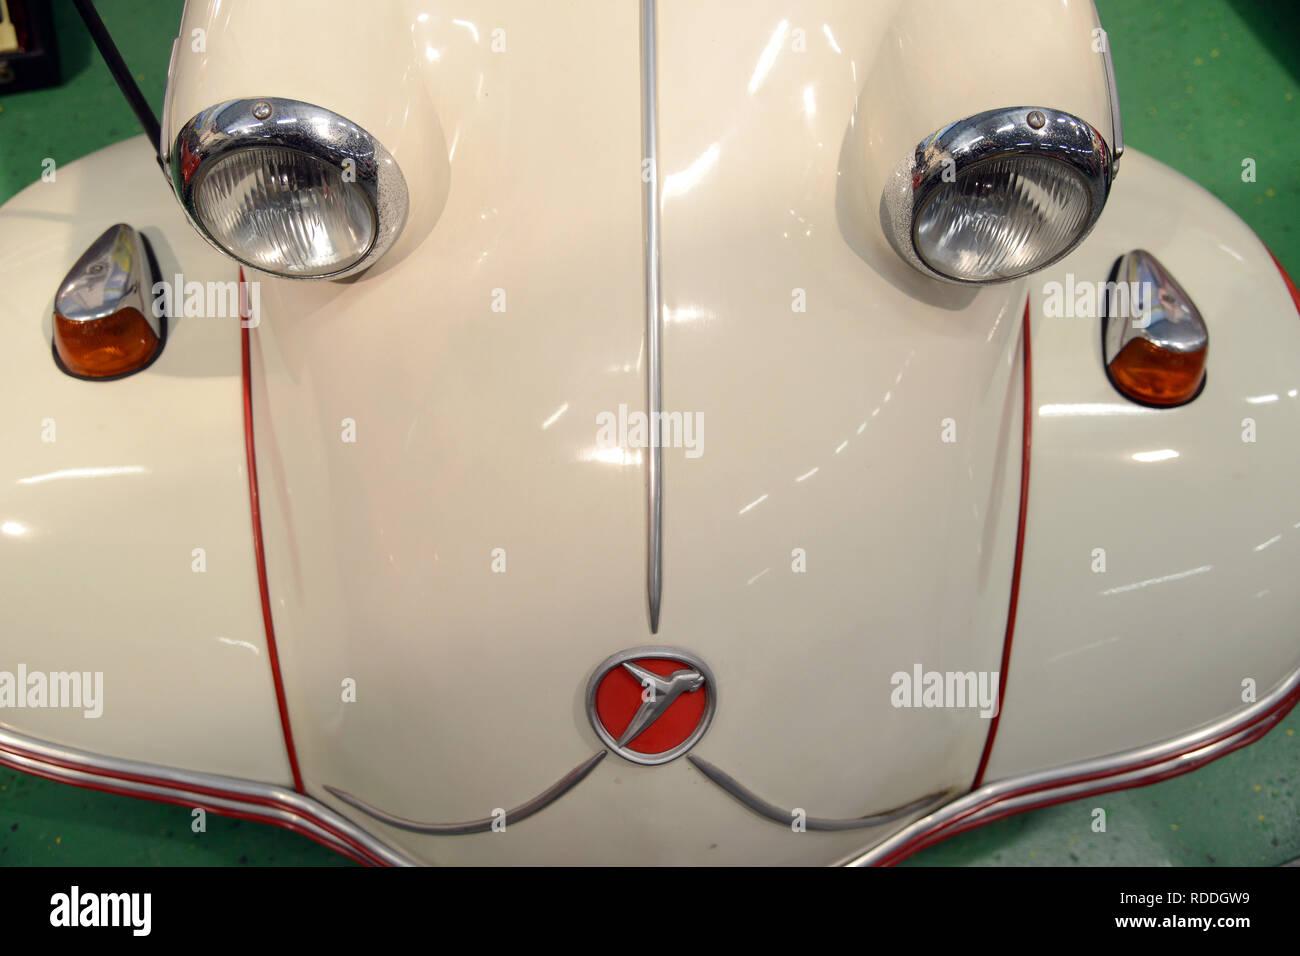 Trade Motorcycle For Car >> St Ingbert Germany 14th Jan 2019 A Messerschmitt A